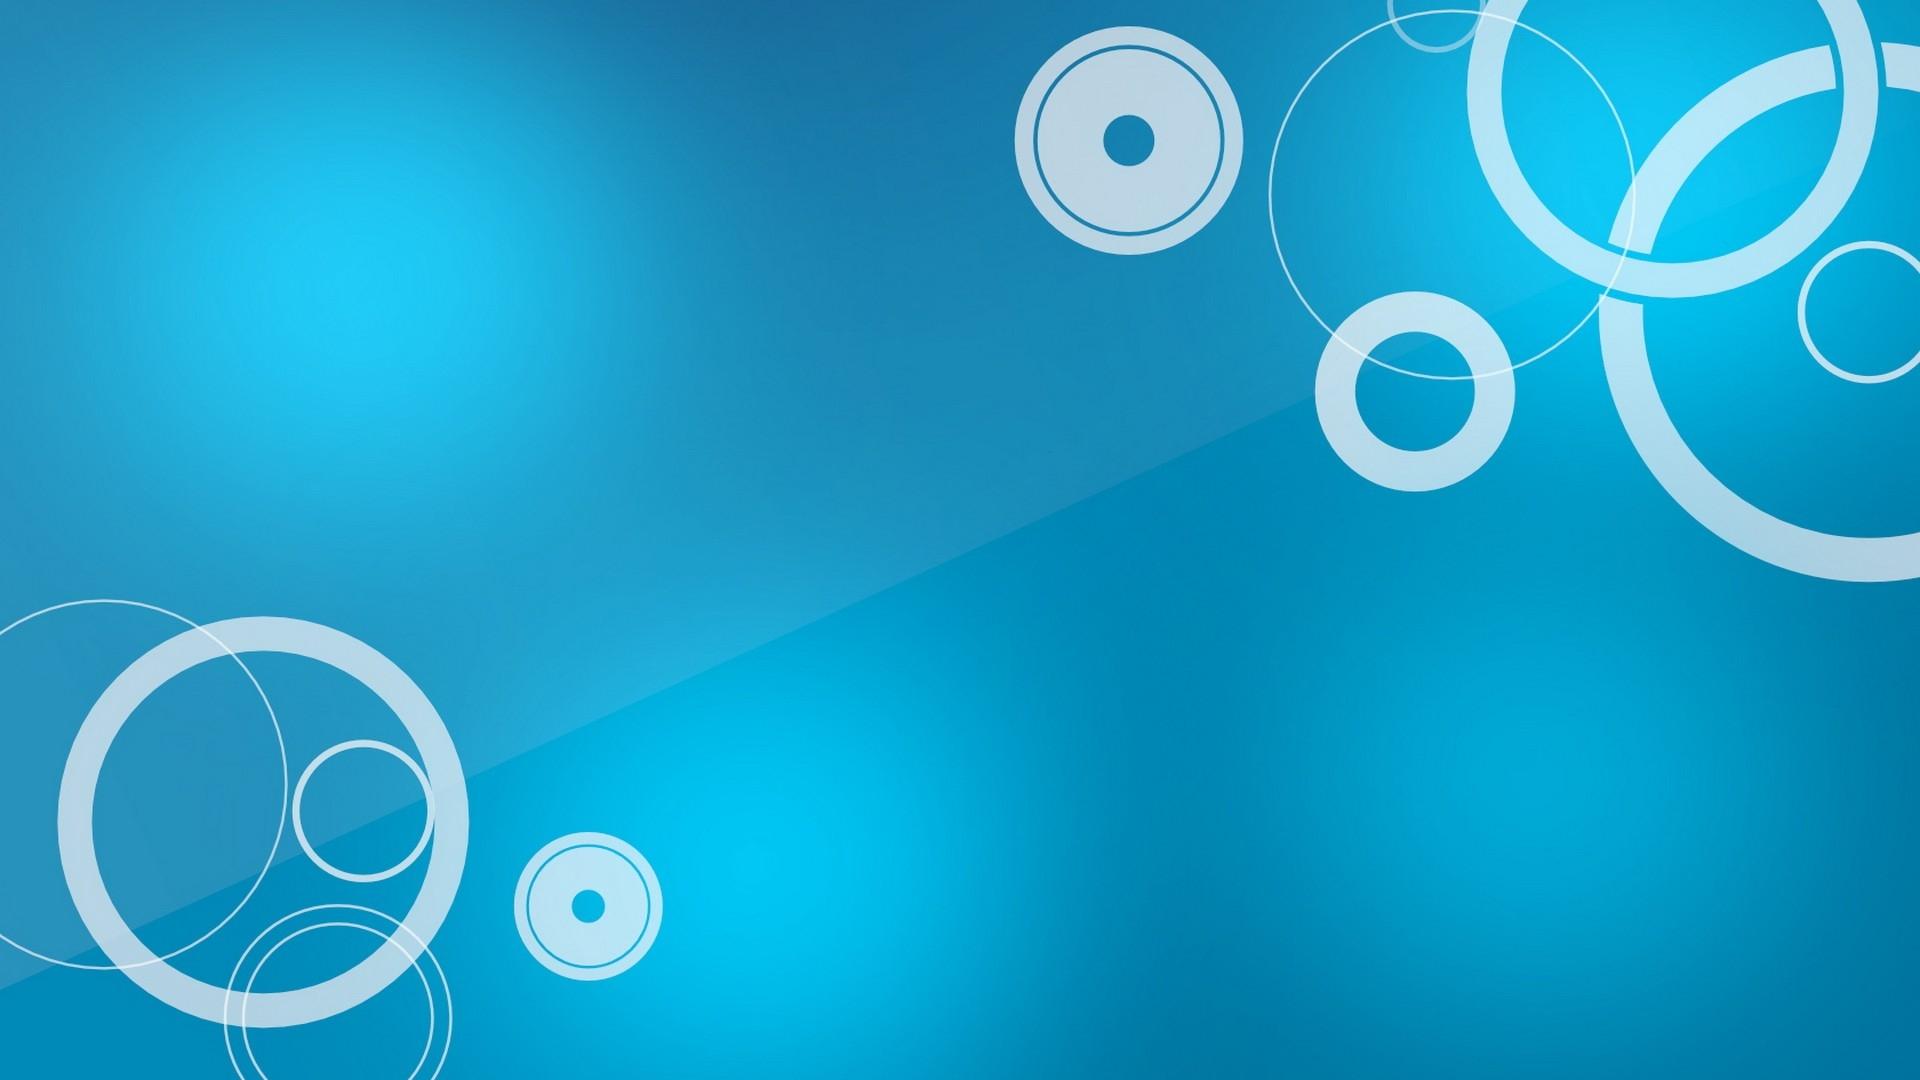 Fondos De Pantalla : Ilustración, Texto, Logo, Azul